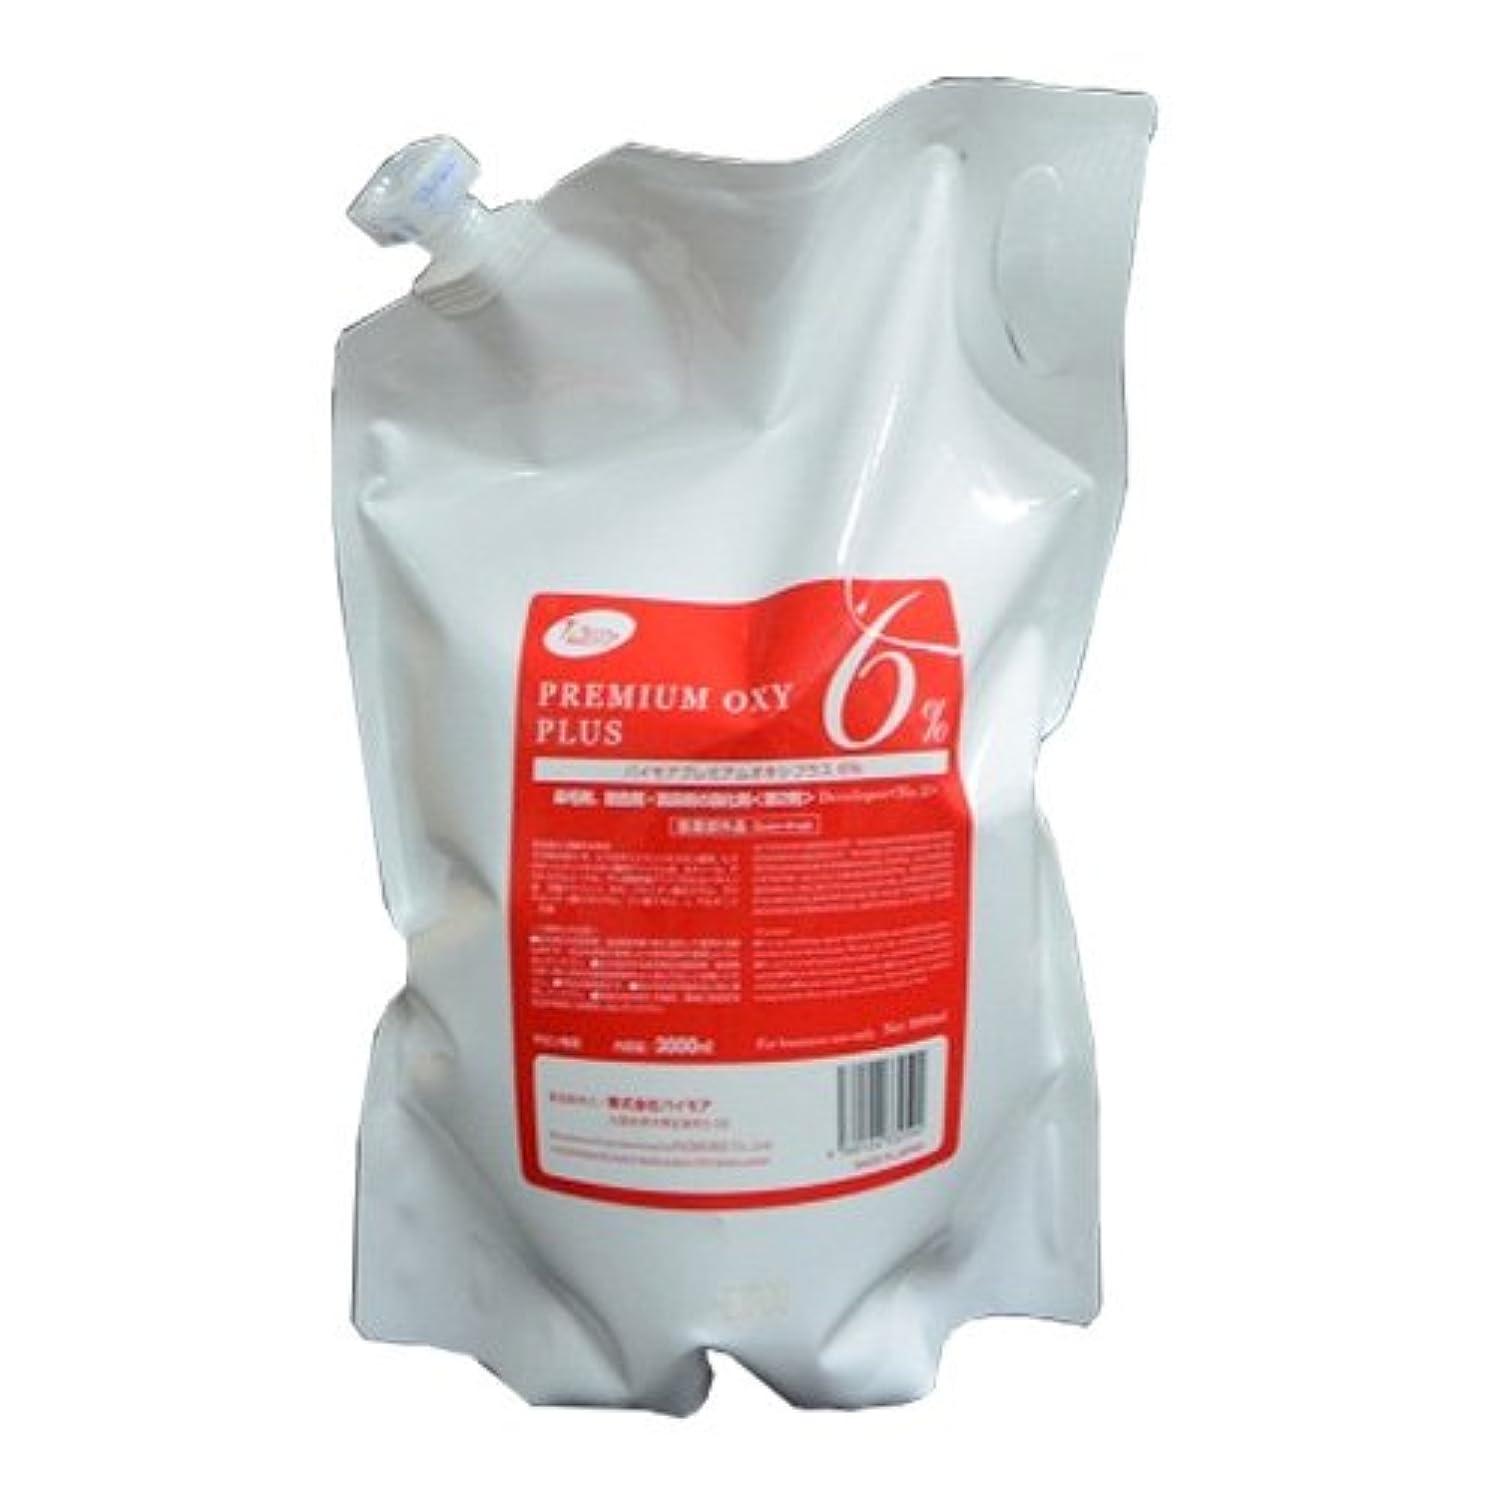 アシスタントくそーファンブルパイモア プレミアムオキシプラス 6%(レフィルタイプ) 3000ml [医薬部外品]